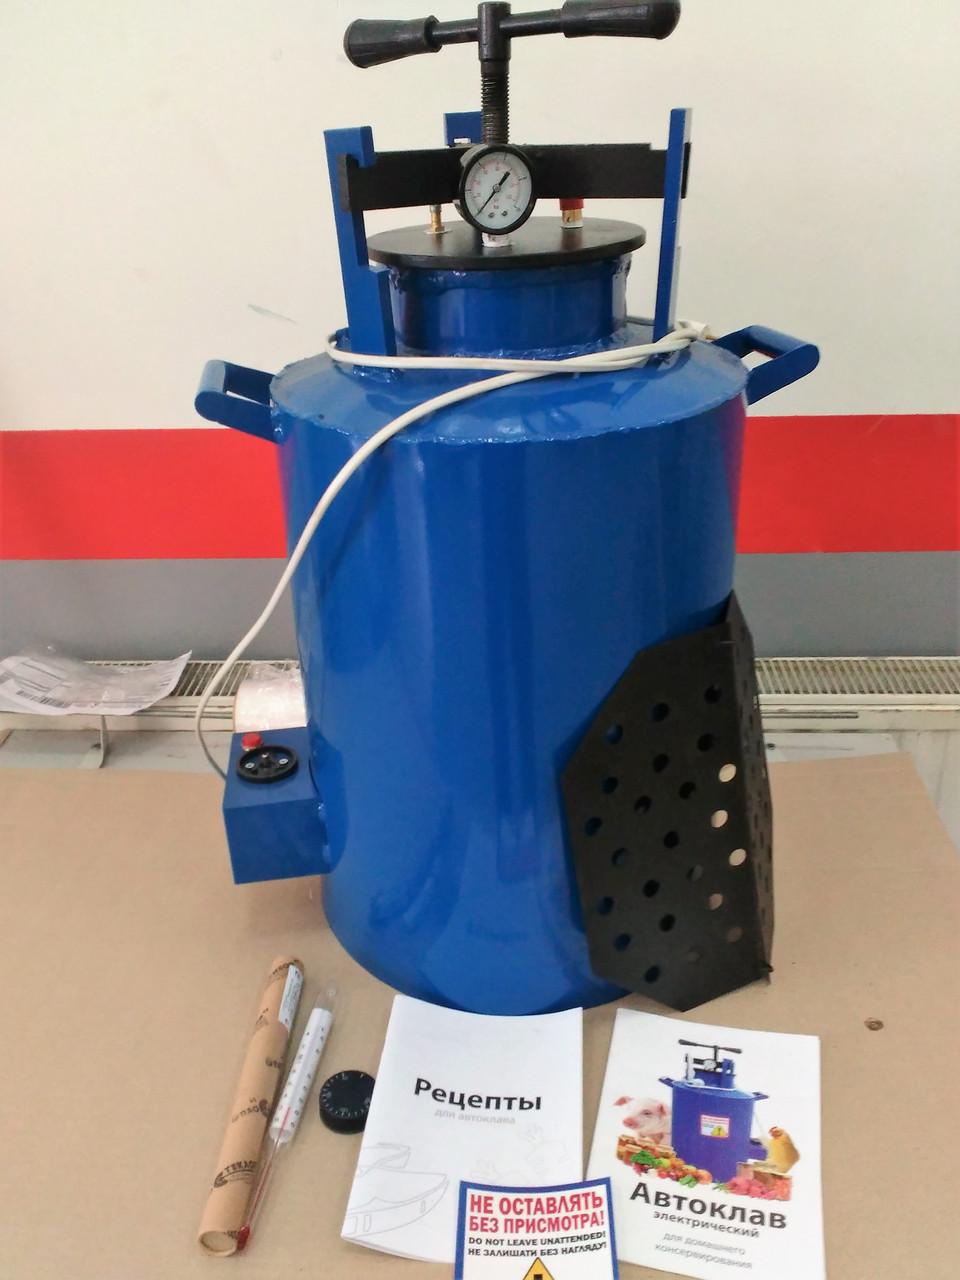 Автоклавы для домашнего консервирования электрический купить в самогонный аппарат в днс